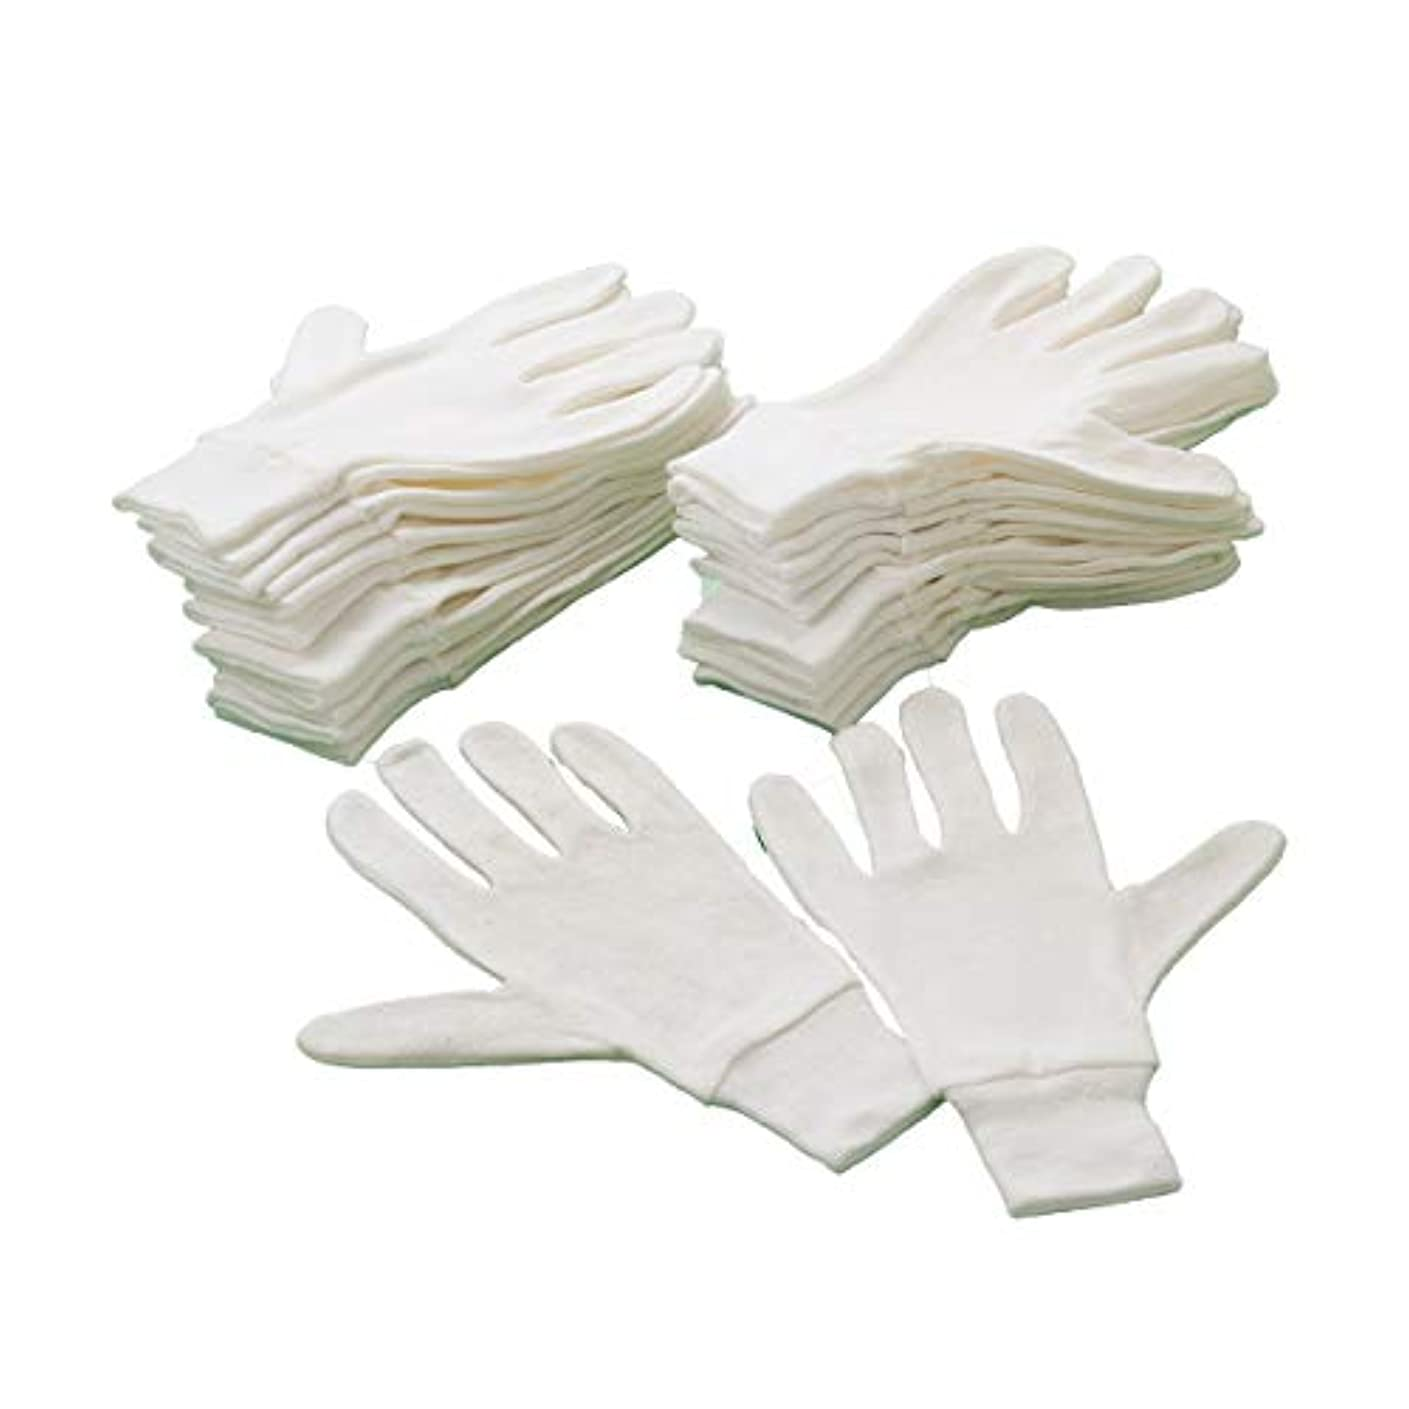 リールサーキュレーション質素な手袋 コットン手袋 12枚入り